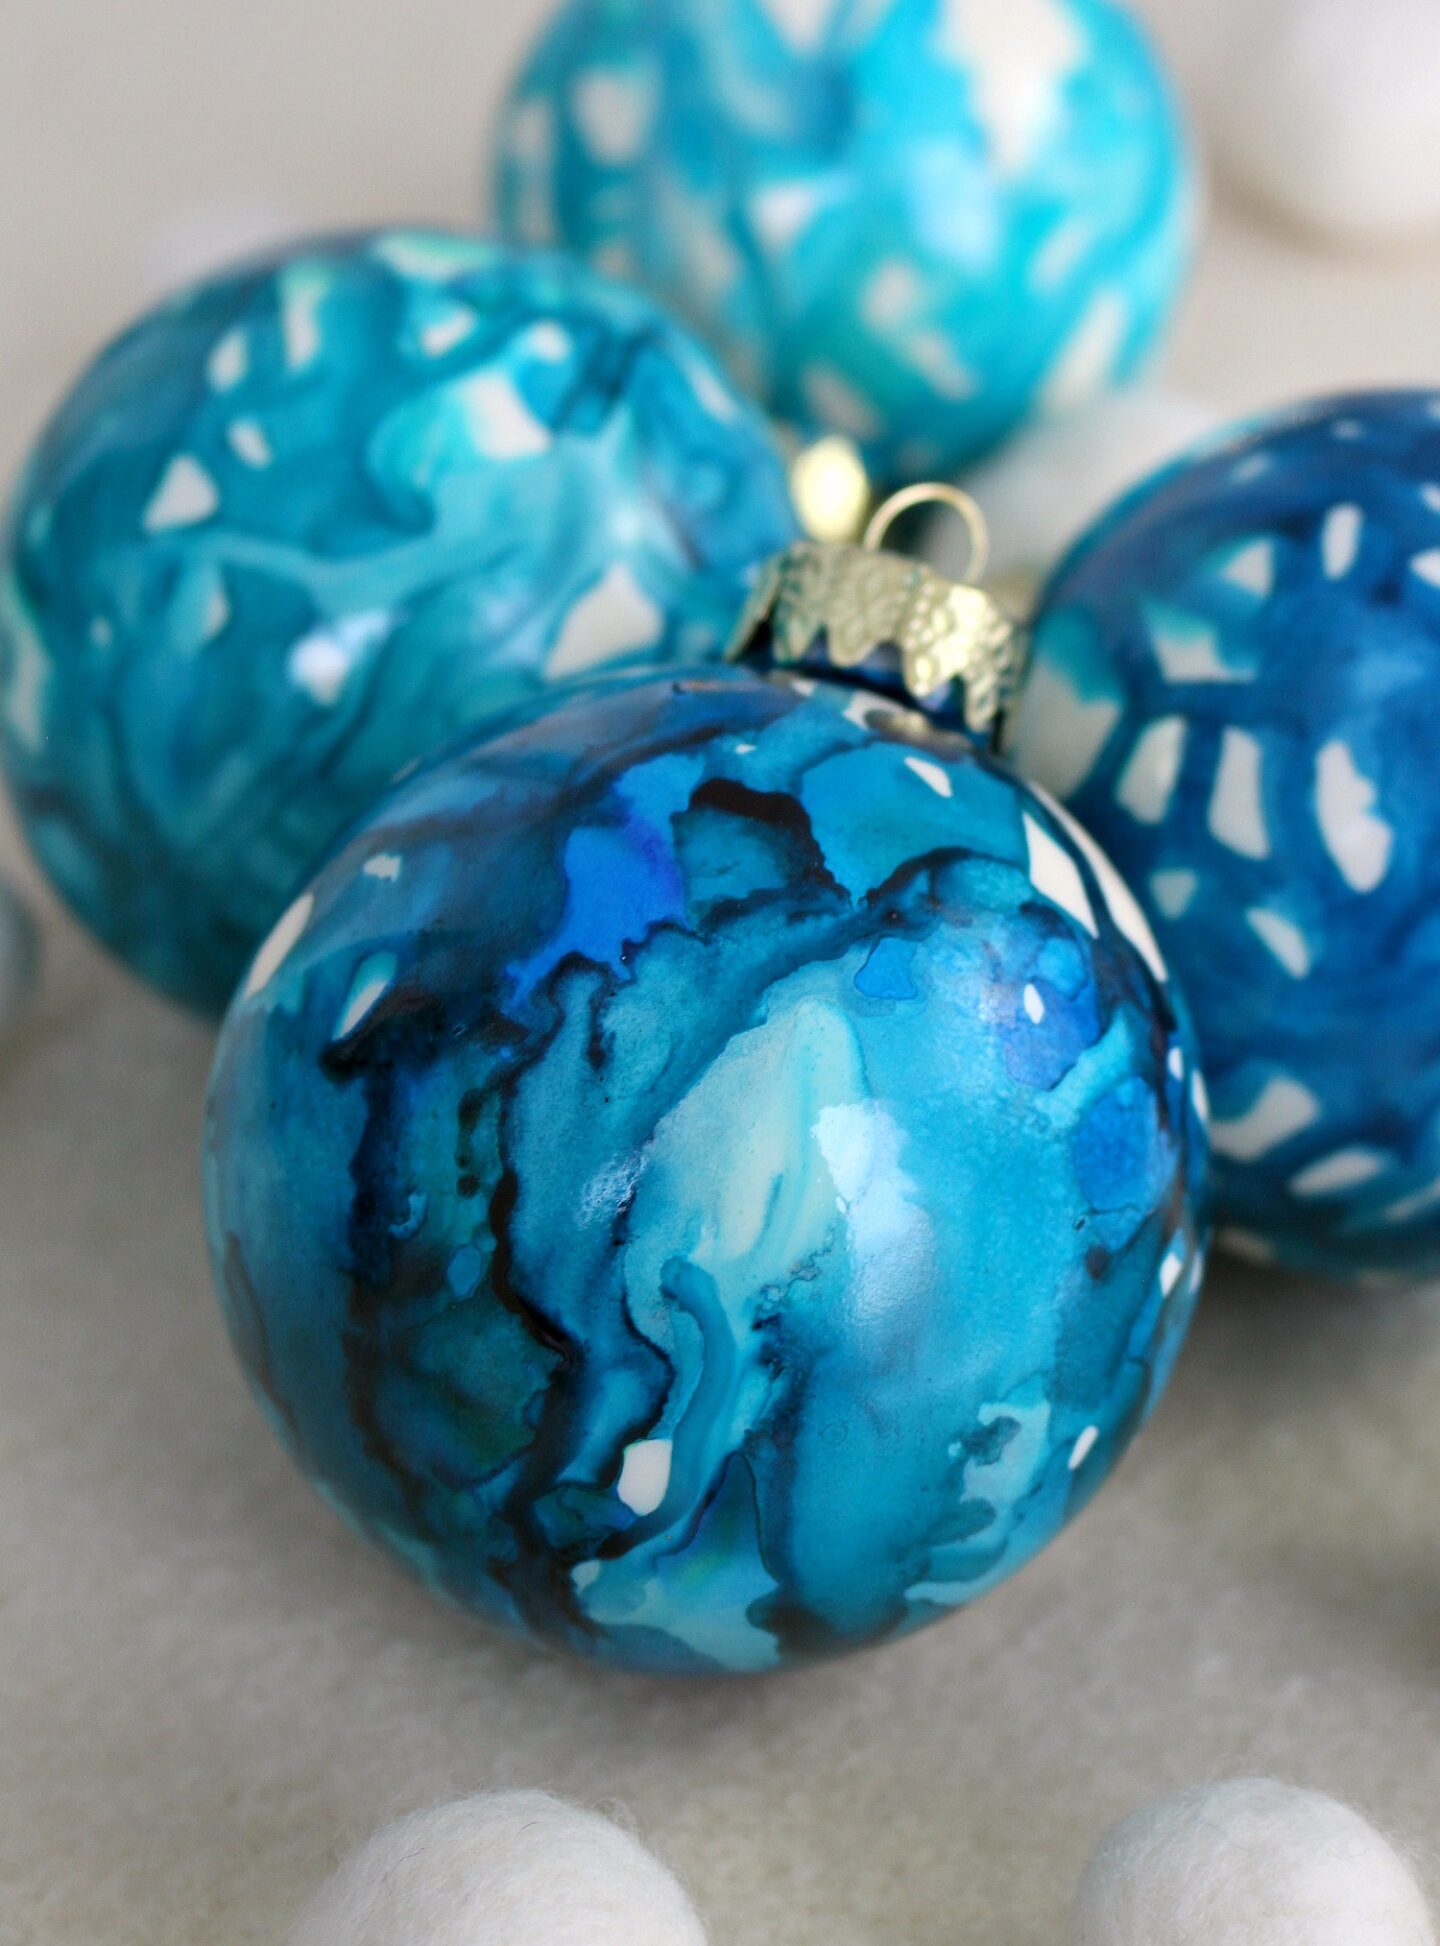 DIY Christmas Tree Ornament to Make with Kids